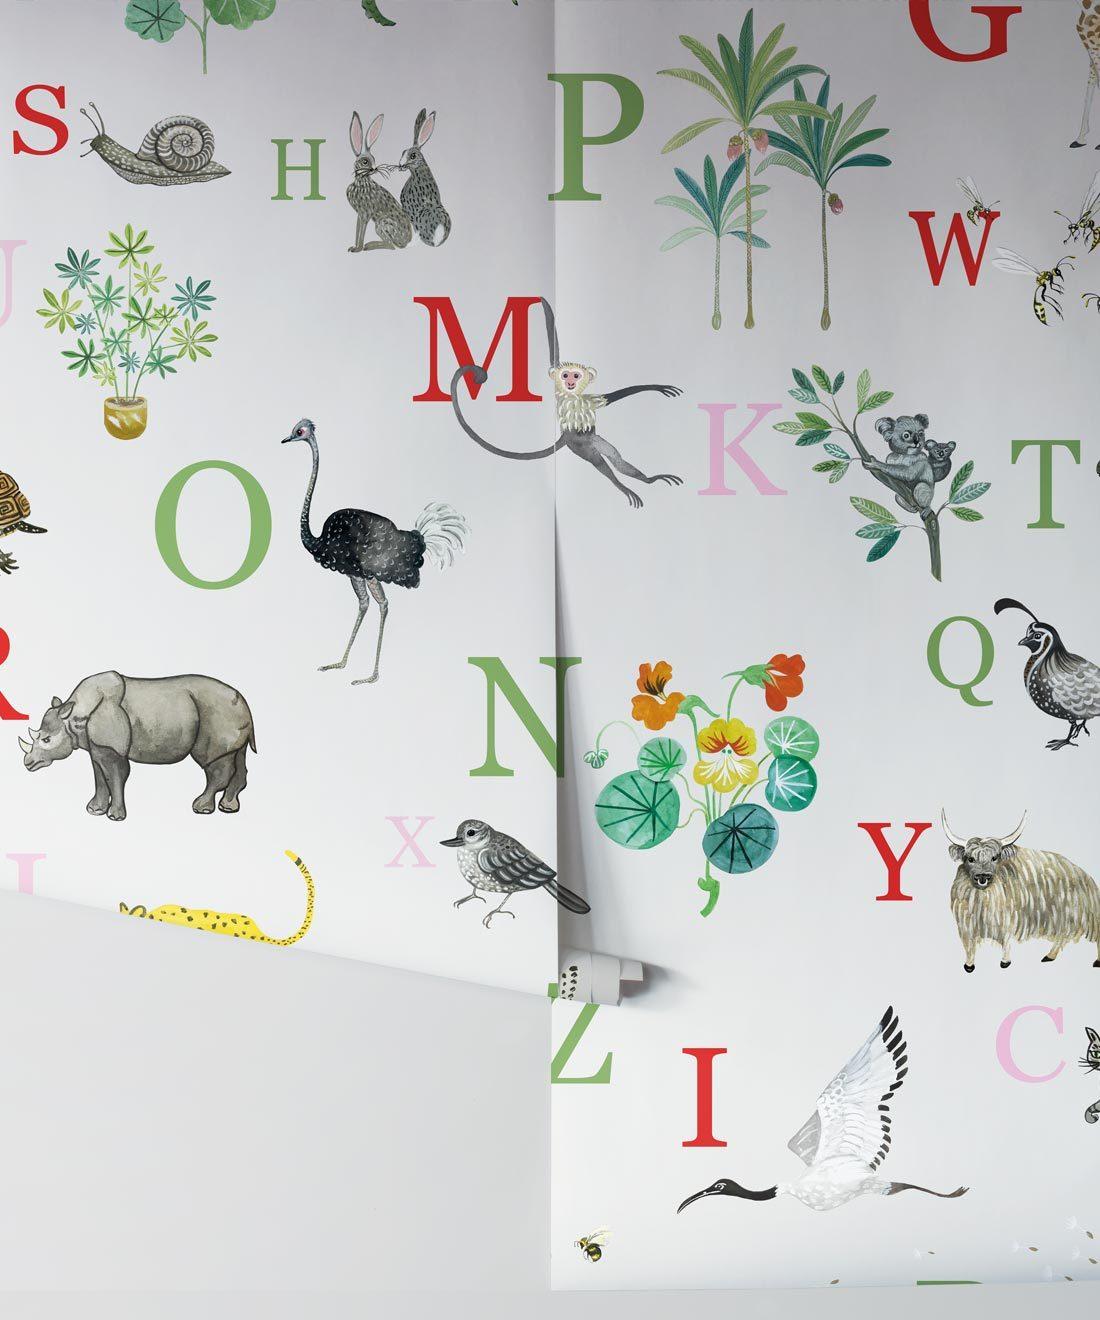 Noah's ABC wallpaper